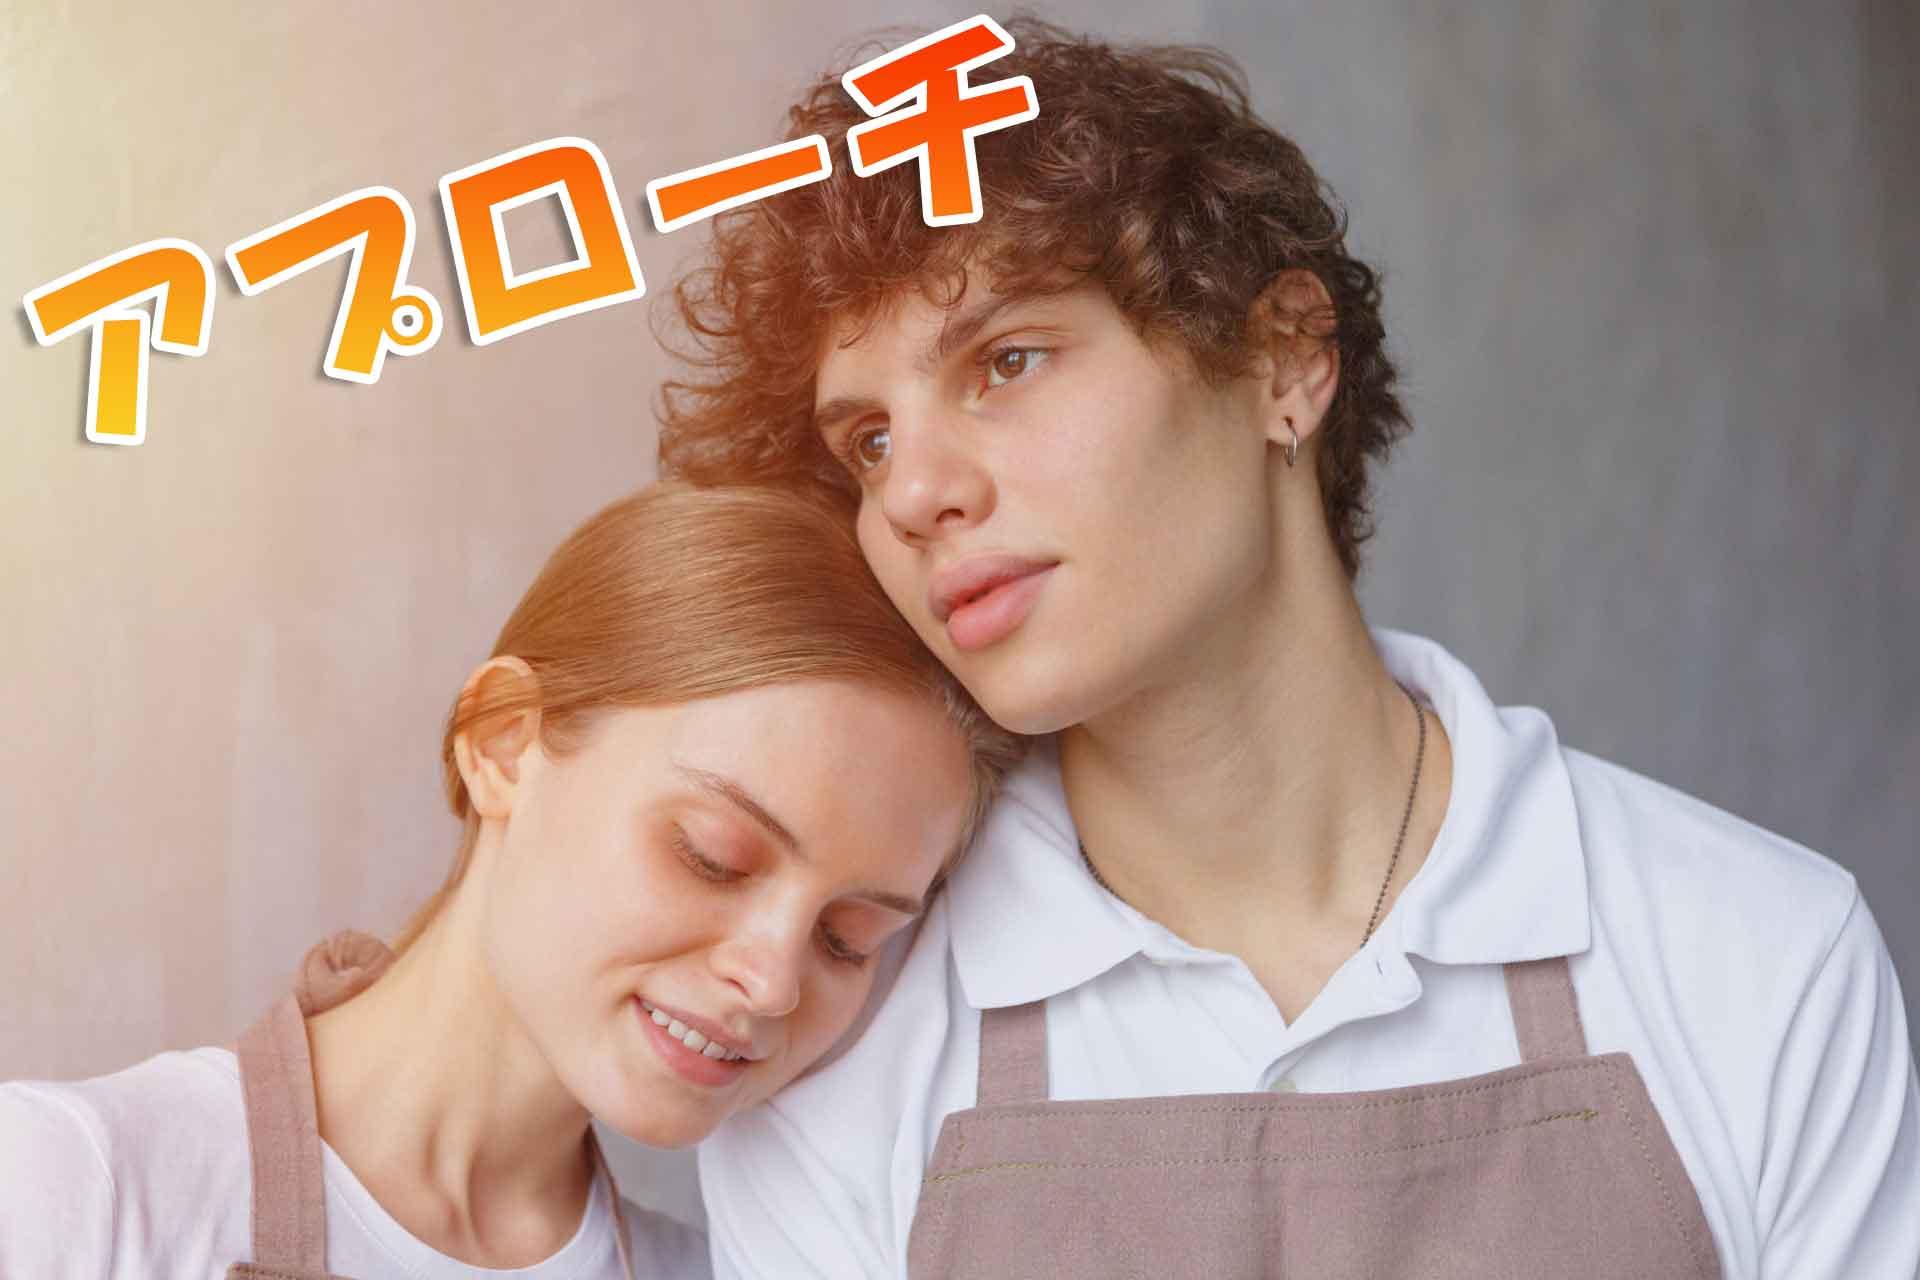 寄り添っているエプロン姿のカップルと「アプローチ」の文字